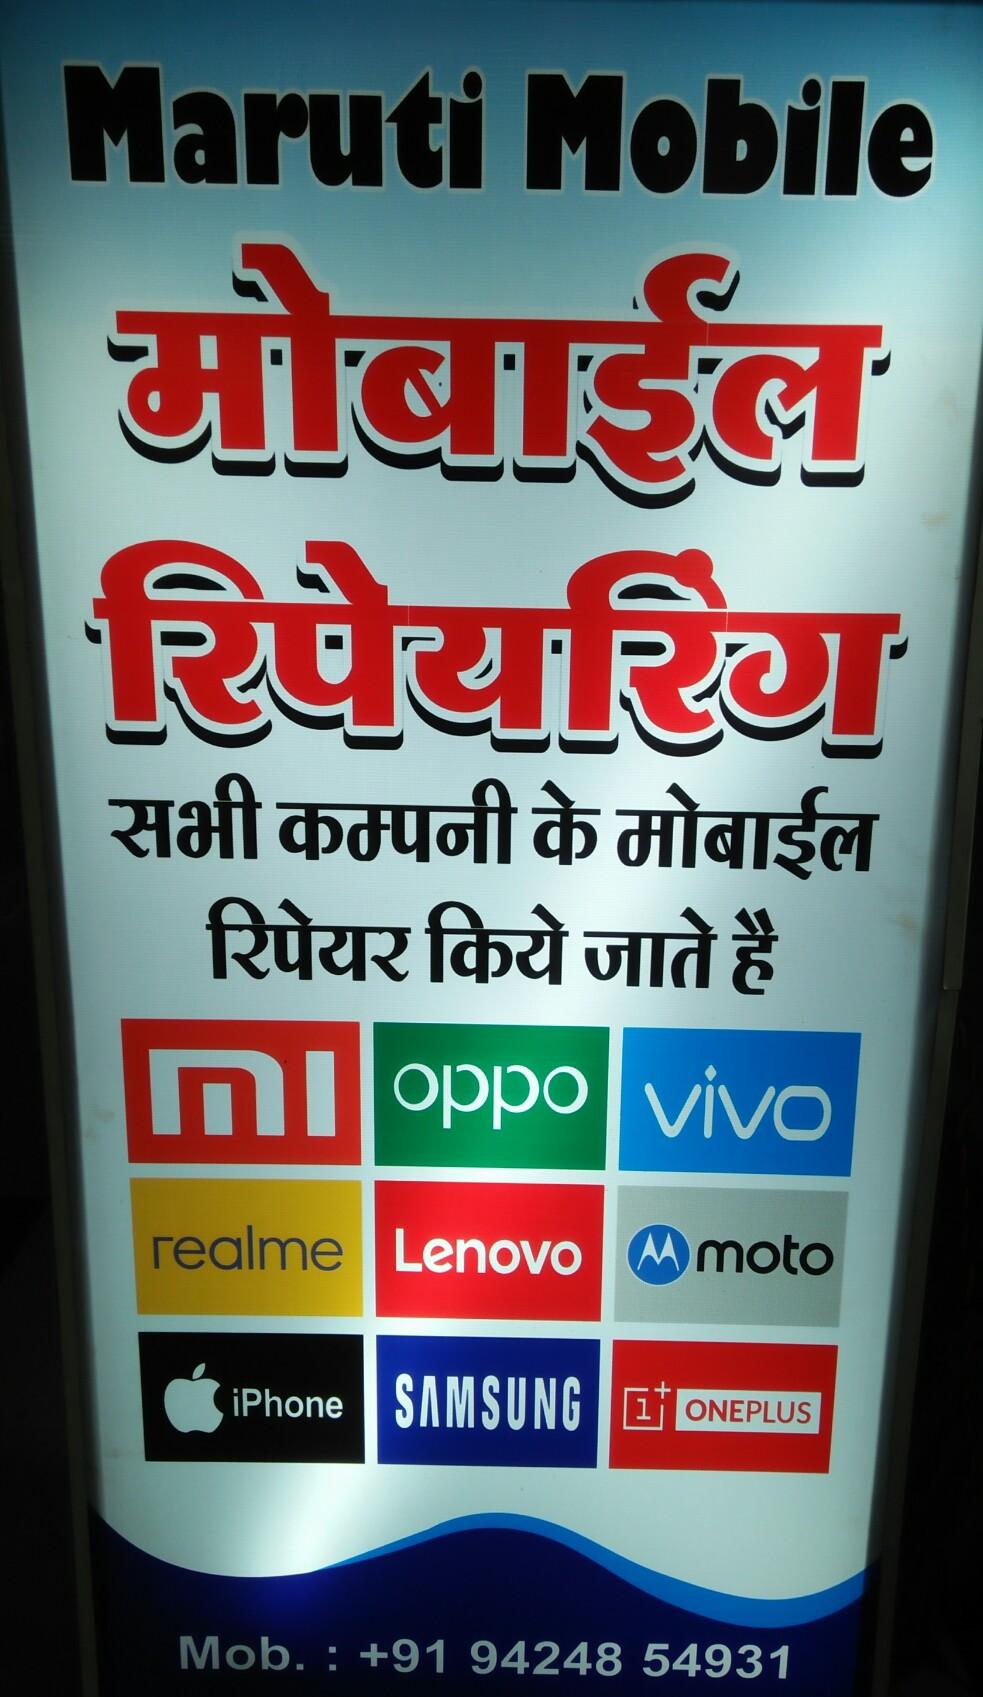 Maruti mobile repairing